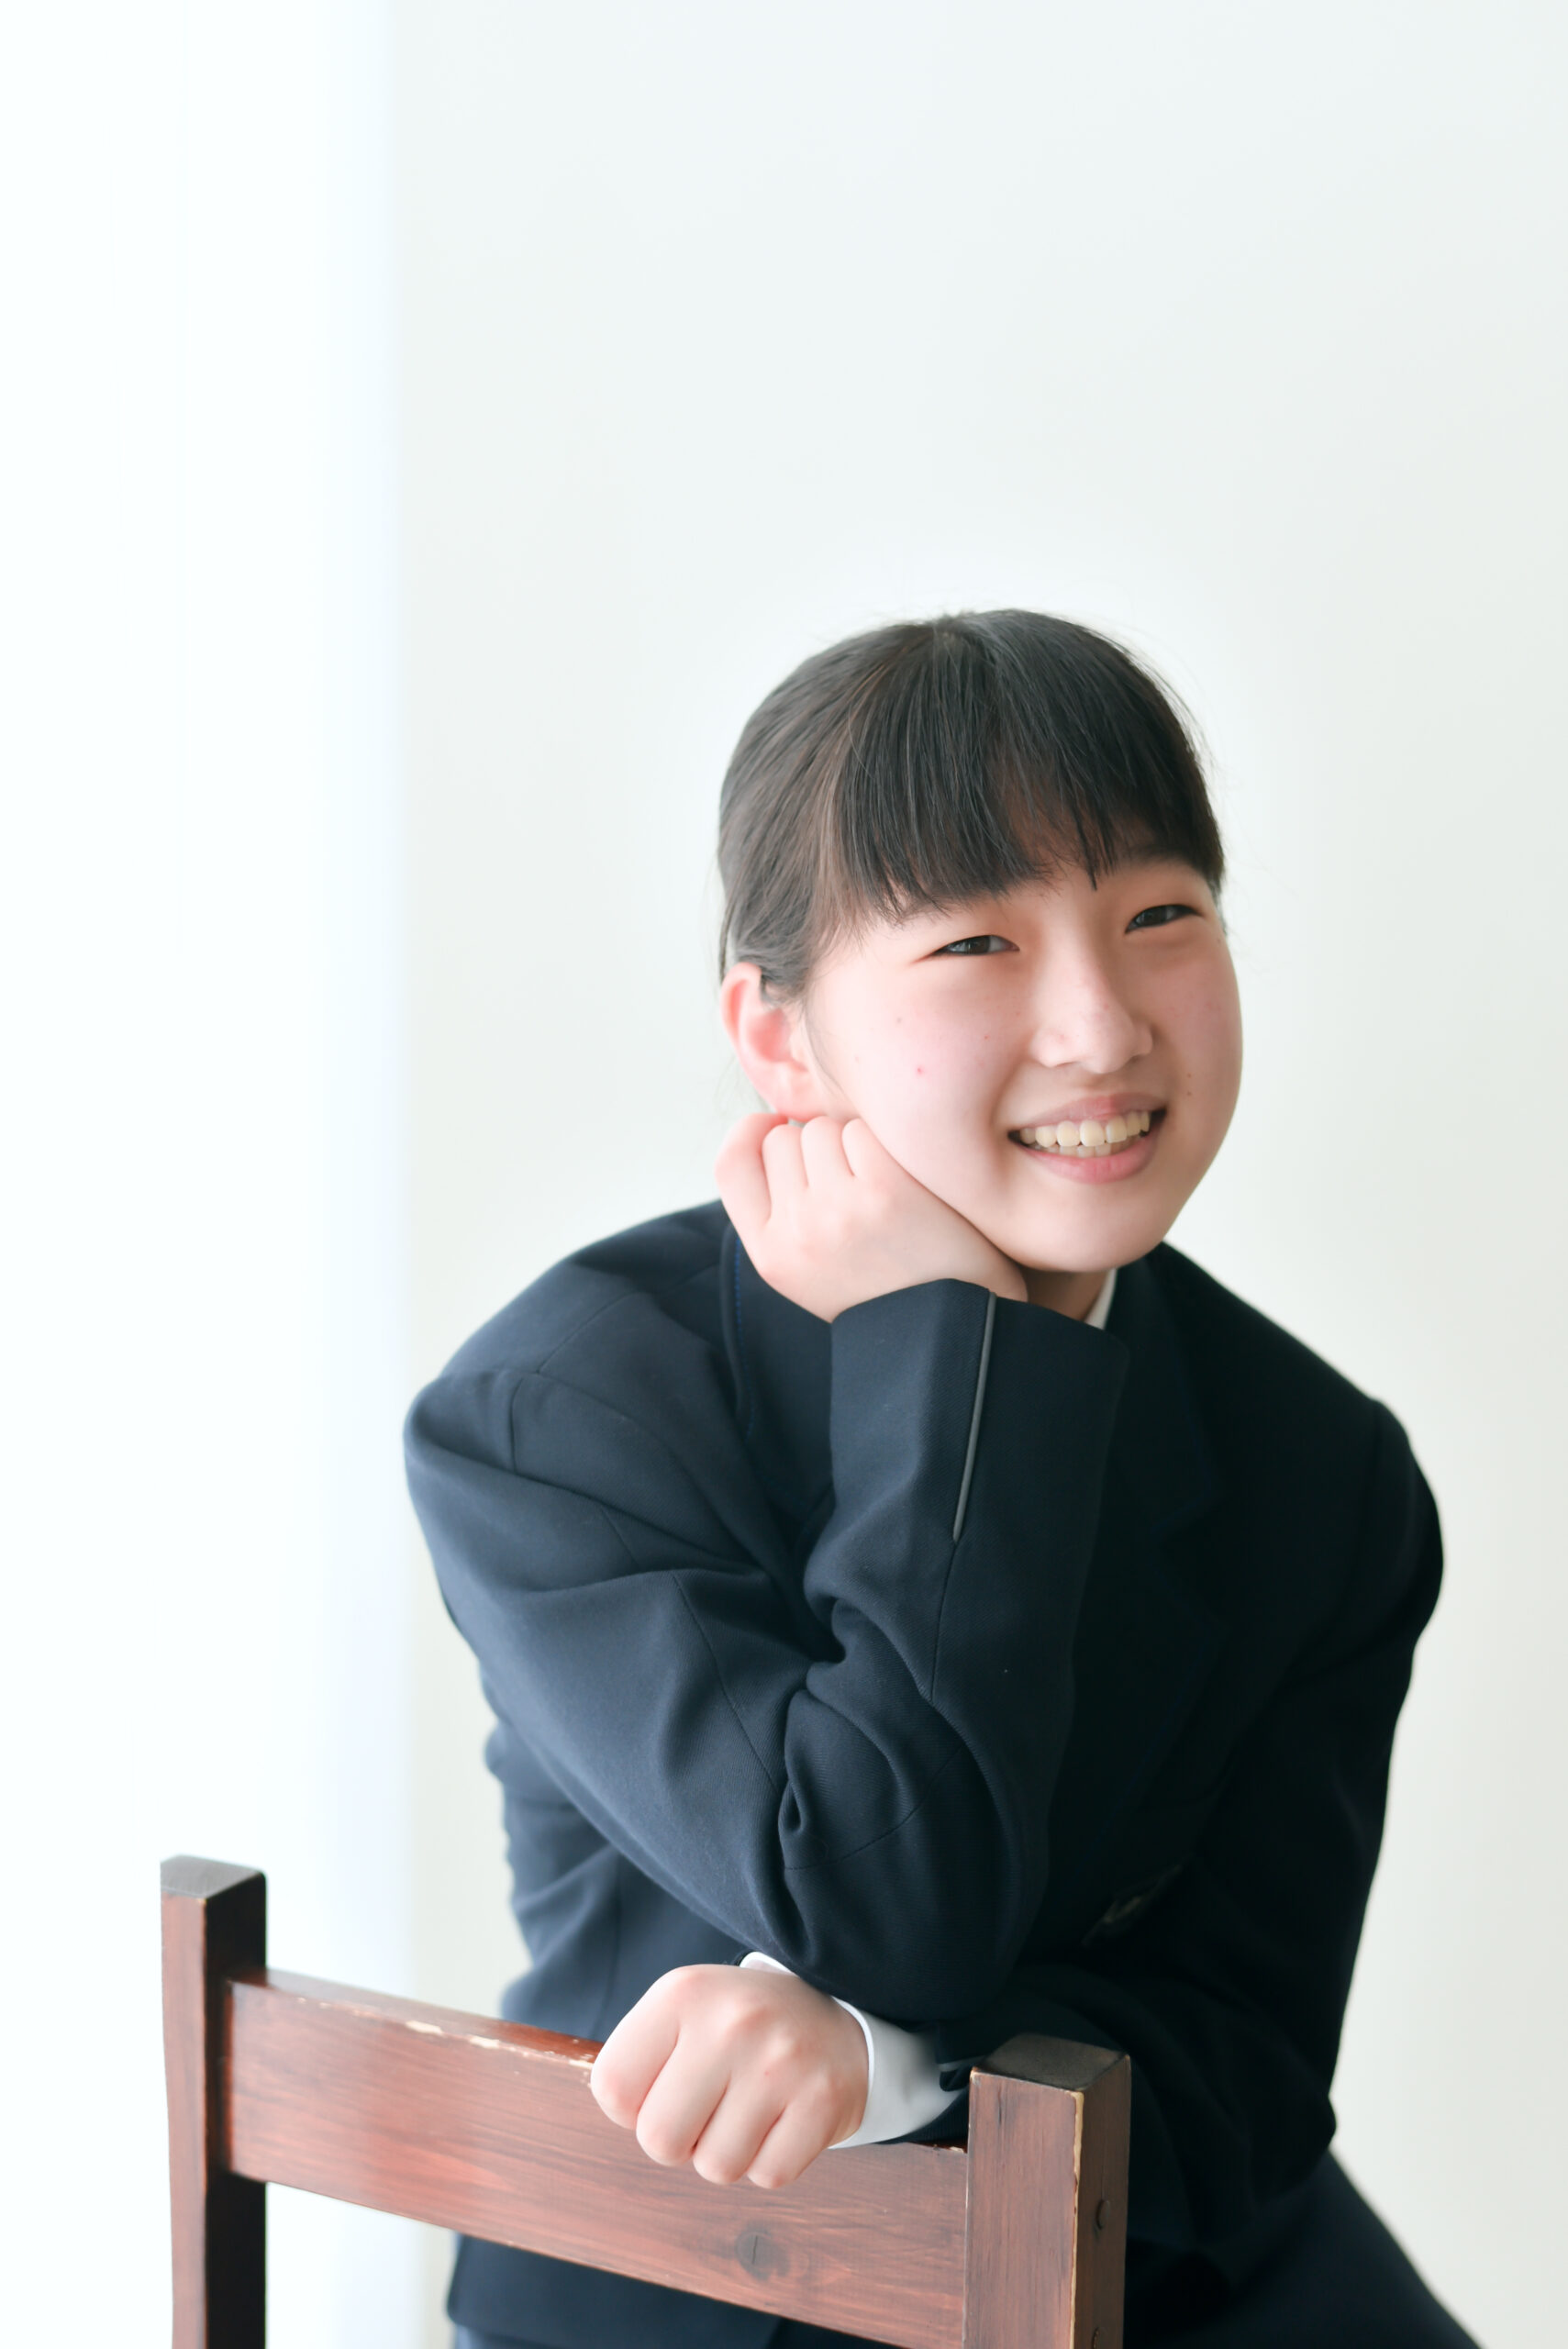 小学校卒業記念撮影 中学校卒業記念撮影 12歳の女の子 中学校の制服が初々しい 記念撮影 宇都宮フォトスタジオ フォトジェニックサクラスタジオ